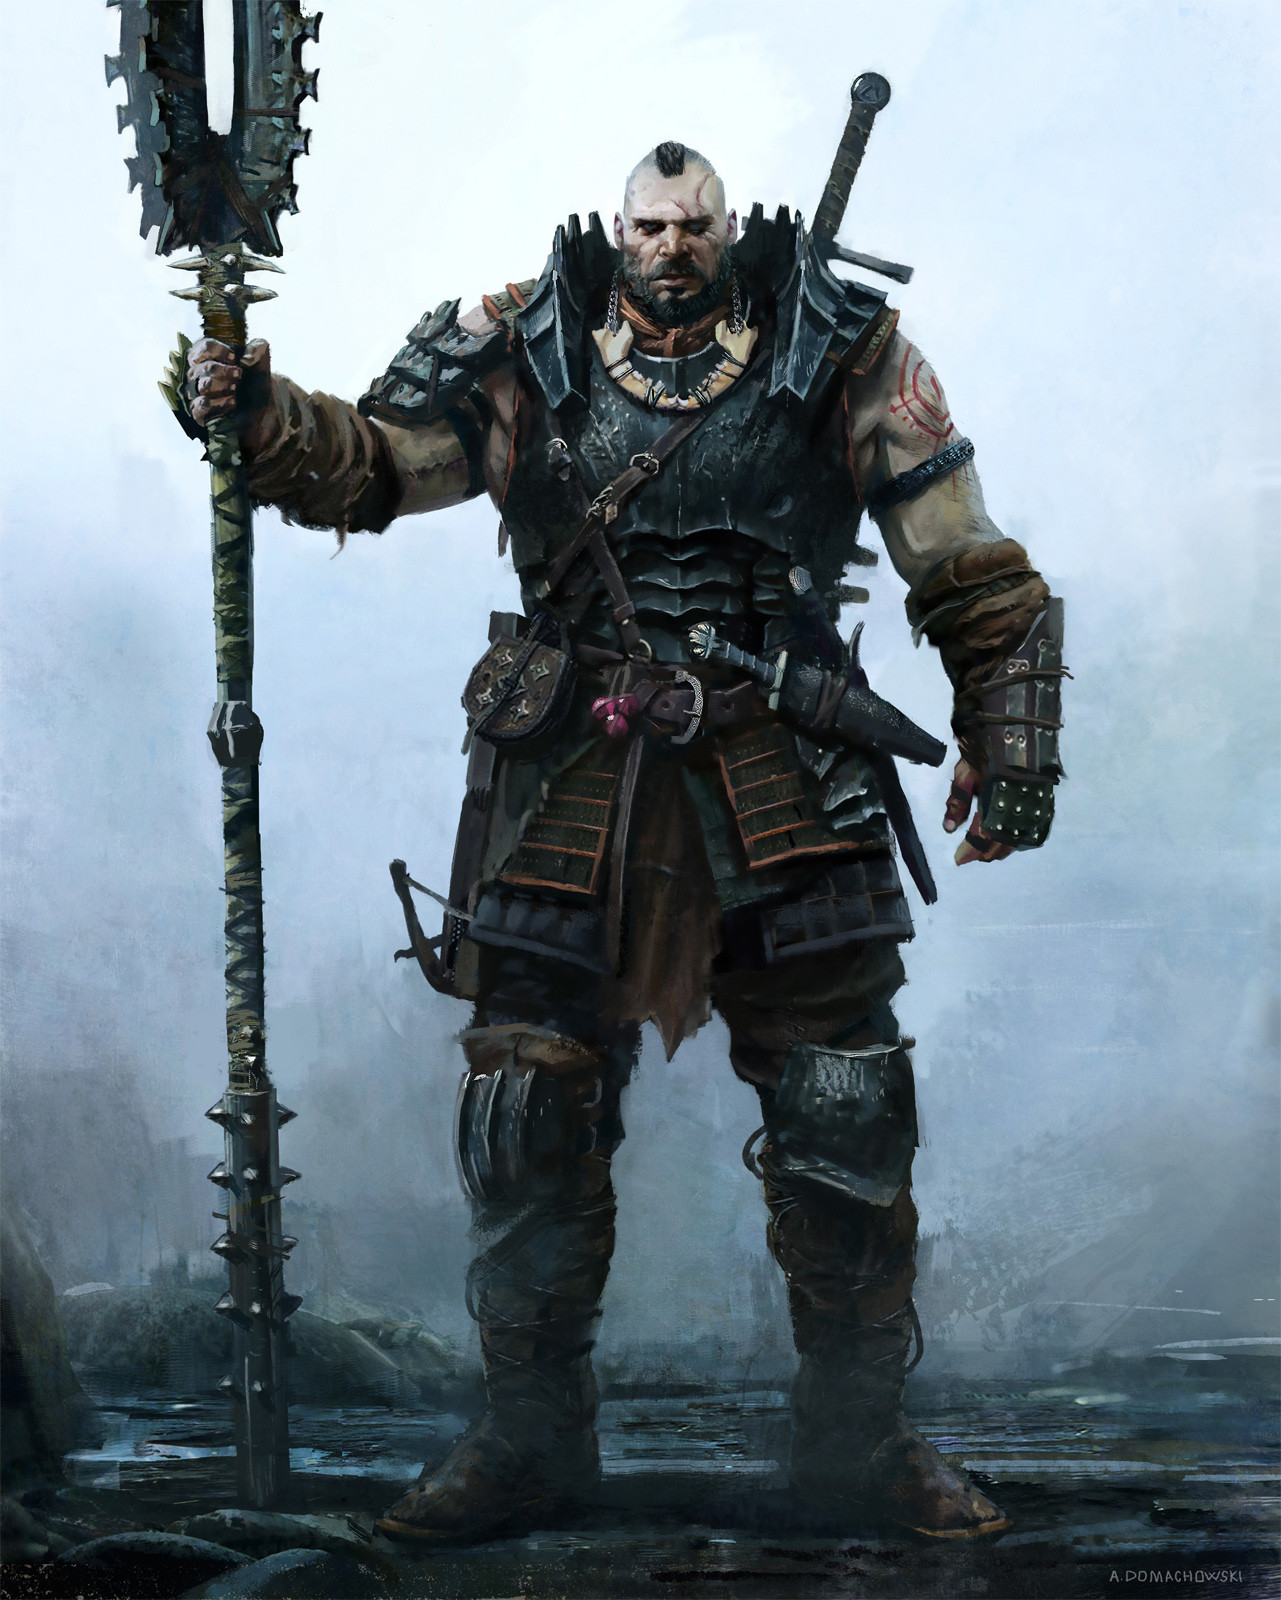 Dark Gods and Primarchs: A Warhammer 30,000 Primarch Grand